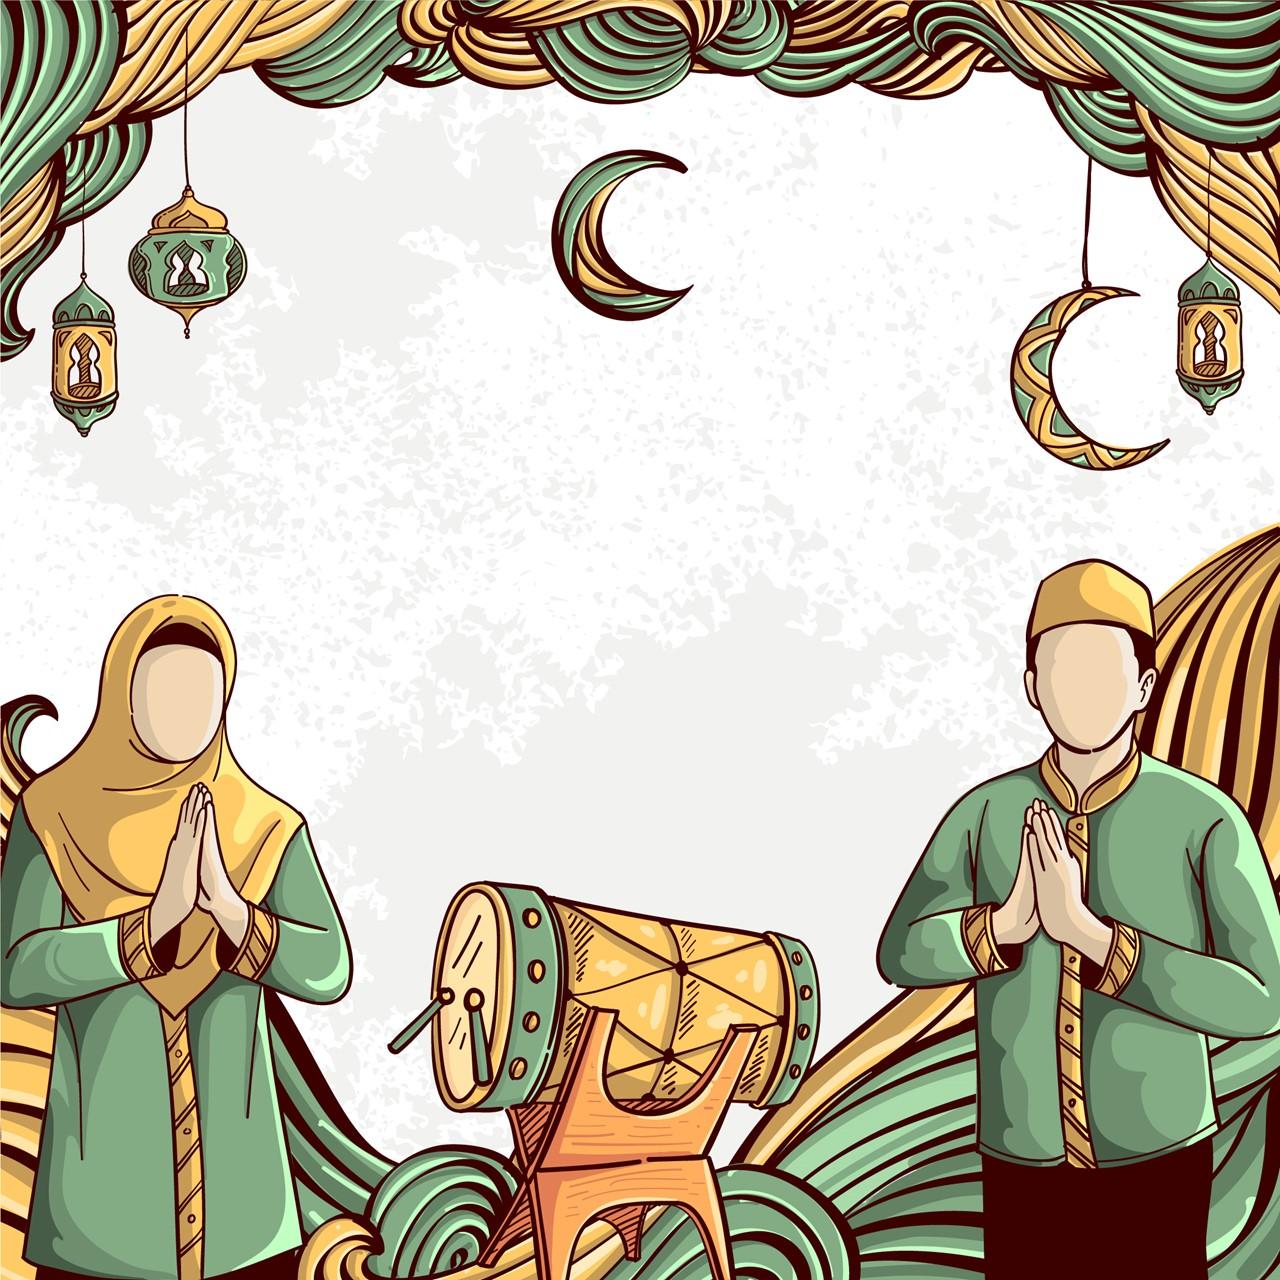 صورة للاحتفال بالمناسبات الاسلامية